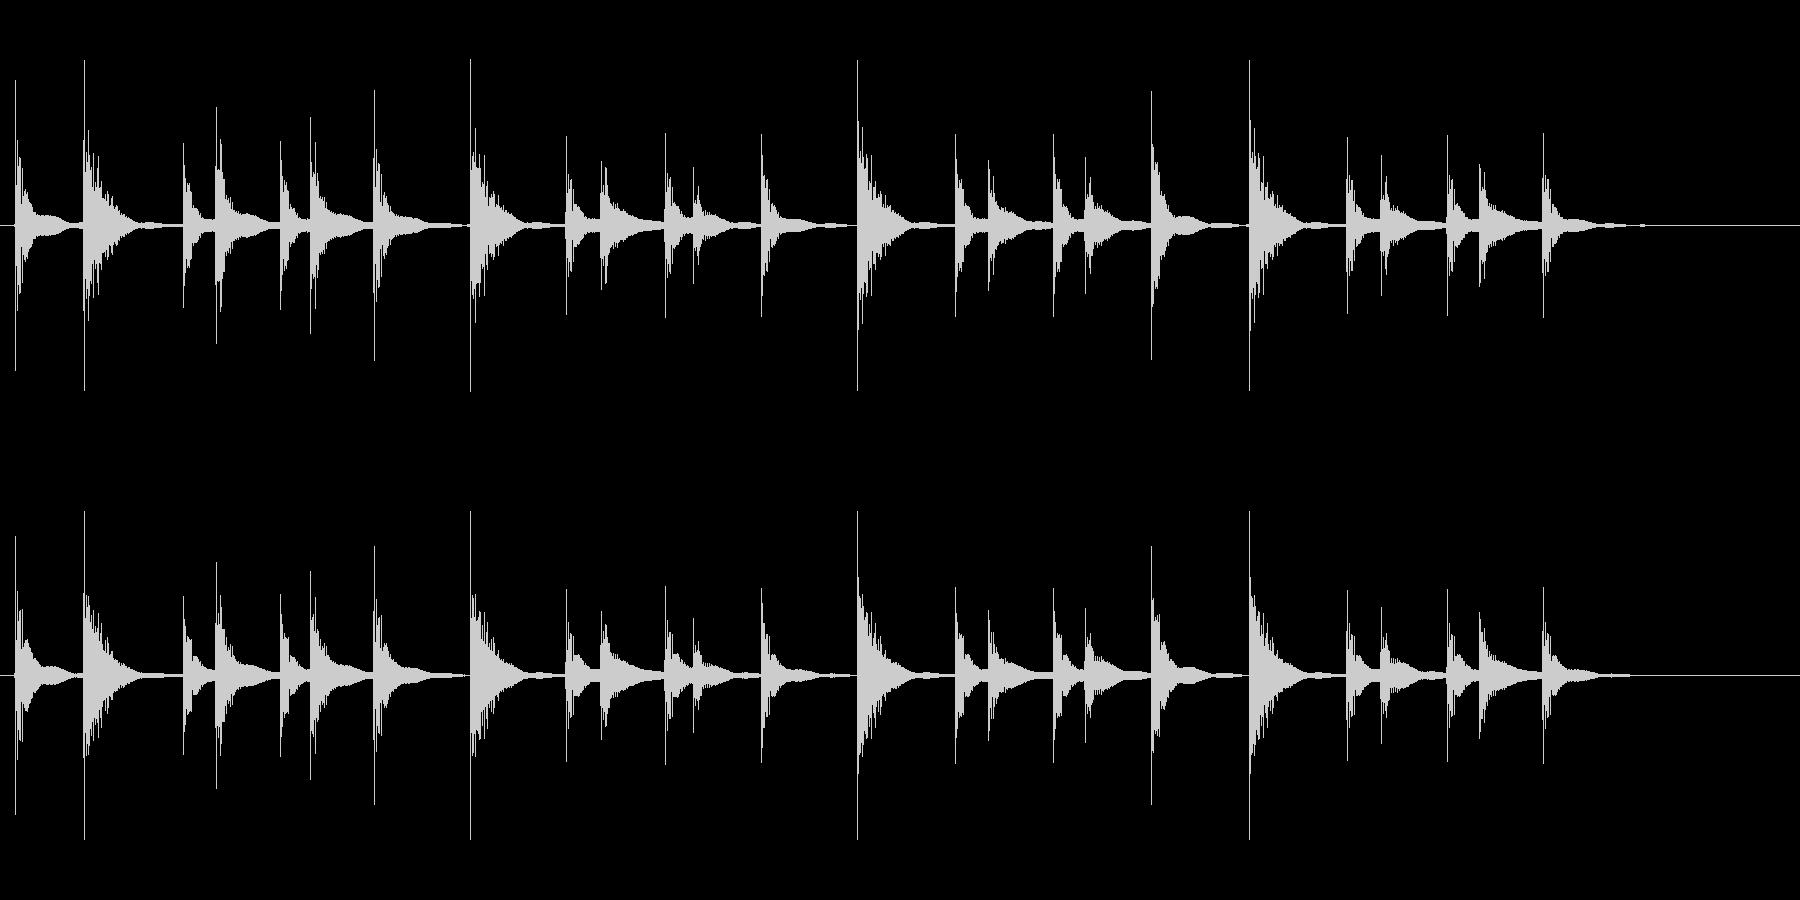 和太鼓の締太鼓のお祭りフレーズ音の未再生の波形